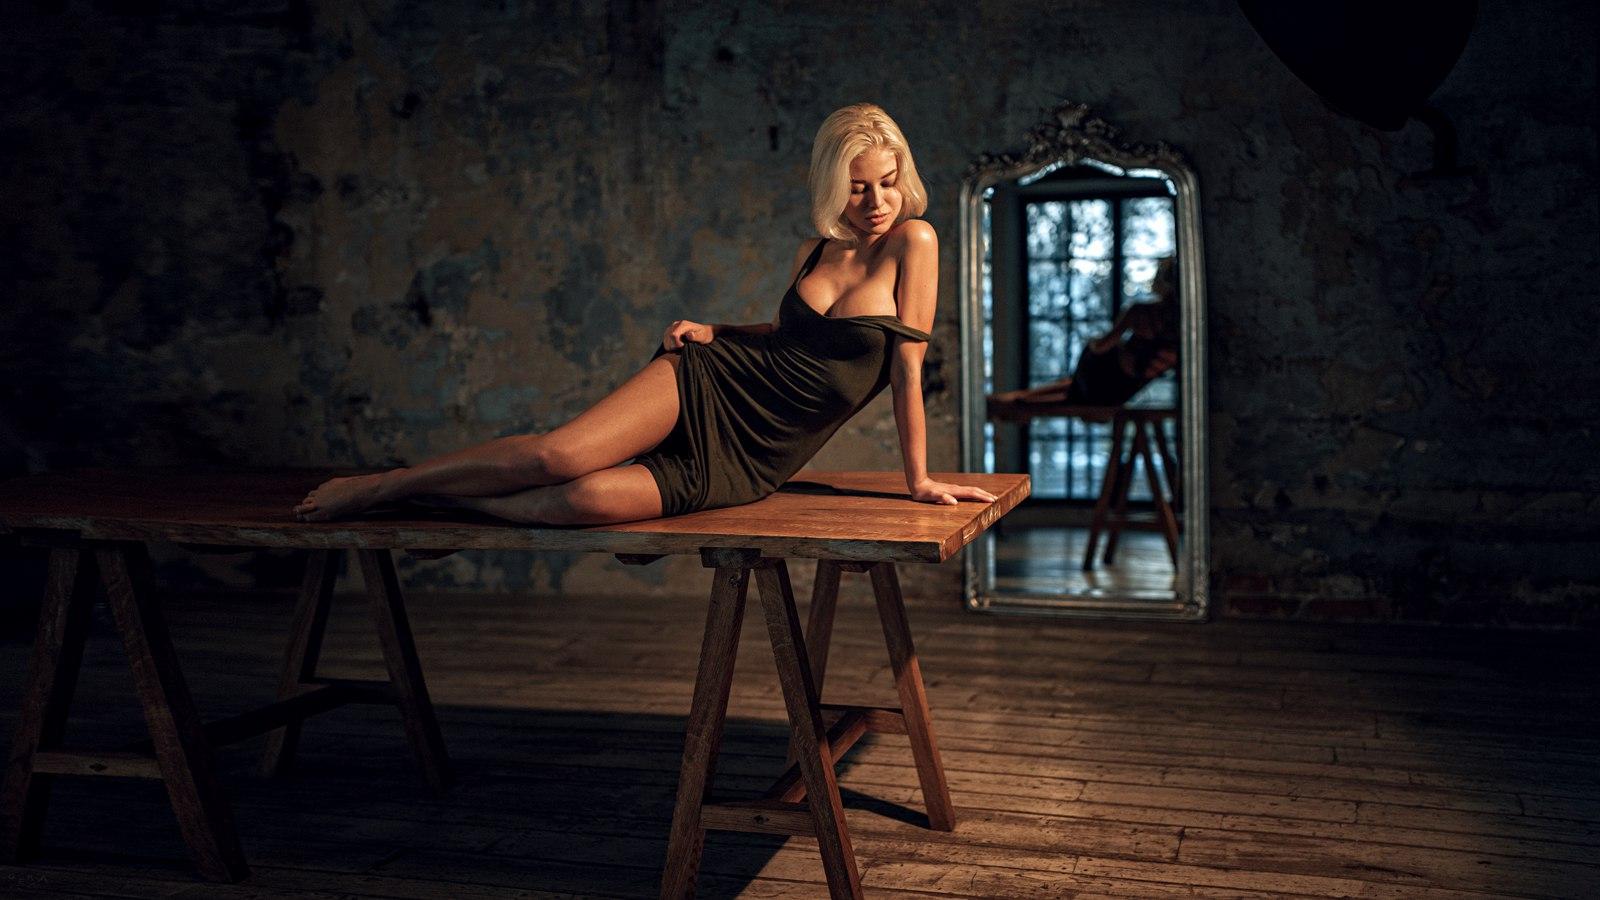 Evgenia nackt Pavlova Evgenia Pavlova